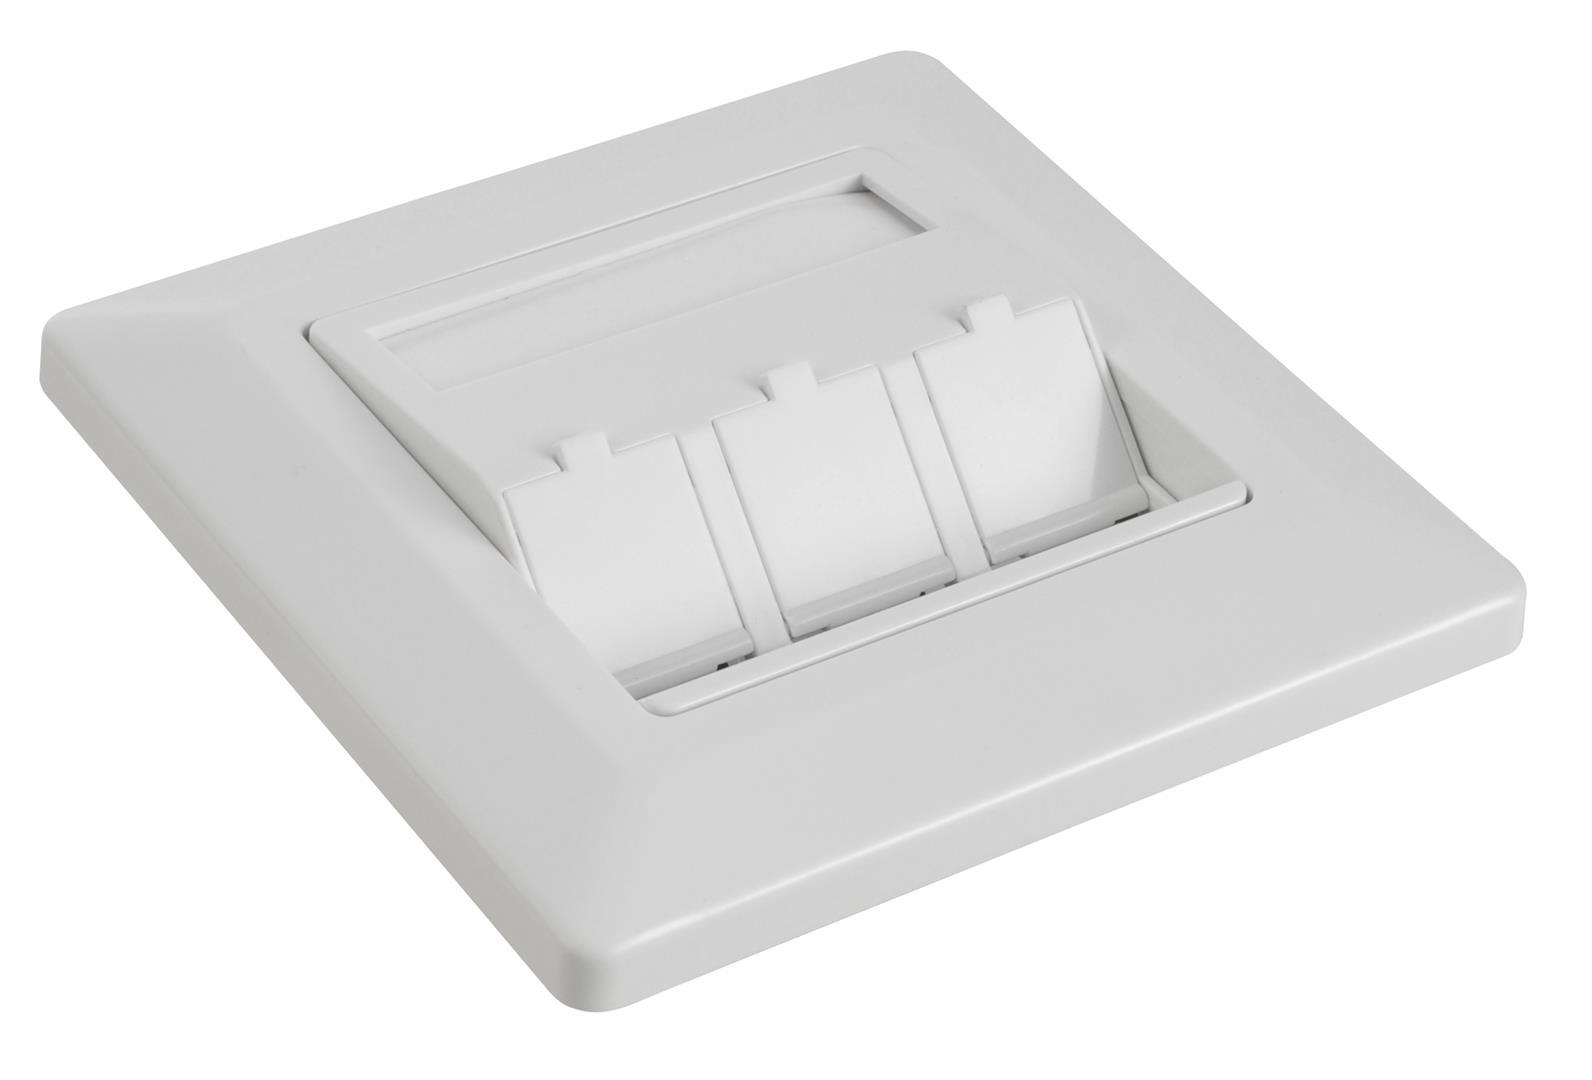 Zásuvka modulární Solarix pro 3 keystony - SX9-3-0-WH